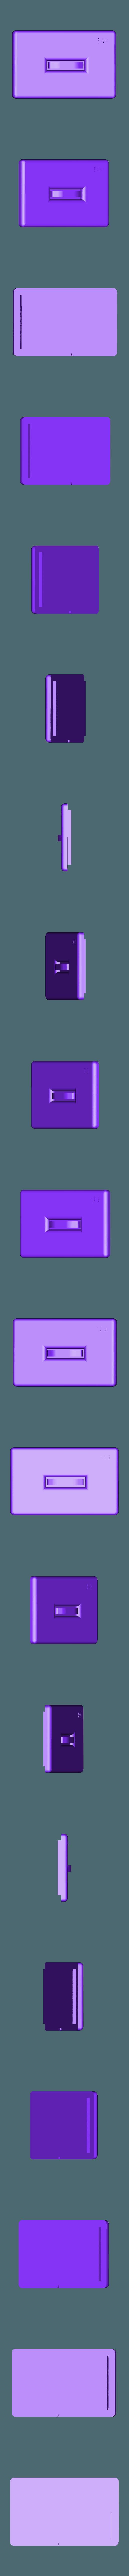 glaciere 1.stl Download free STL file Accessory 1/10 for RC /Diorama • 3D print design, RCGANG93